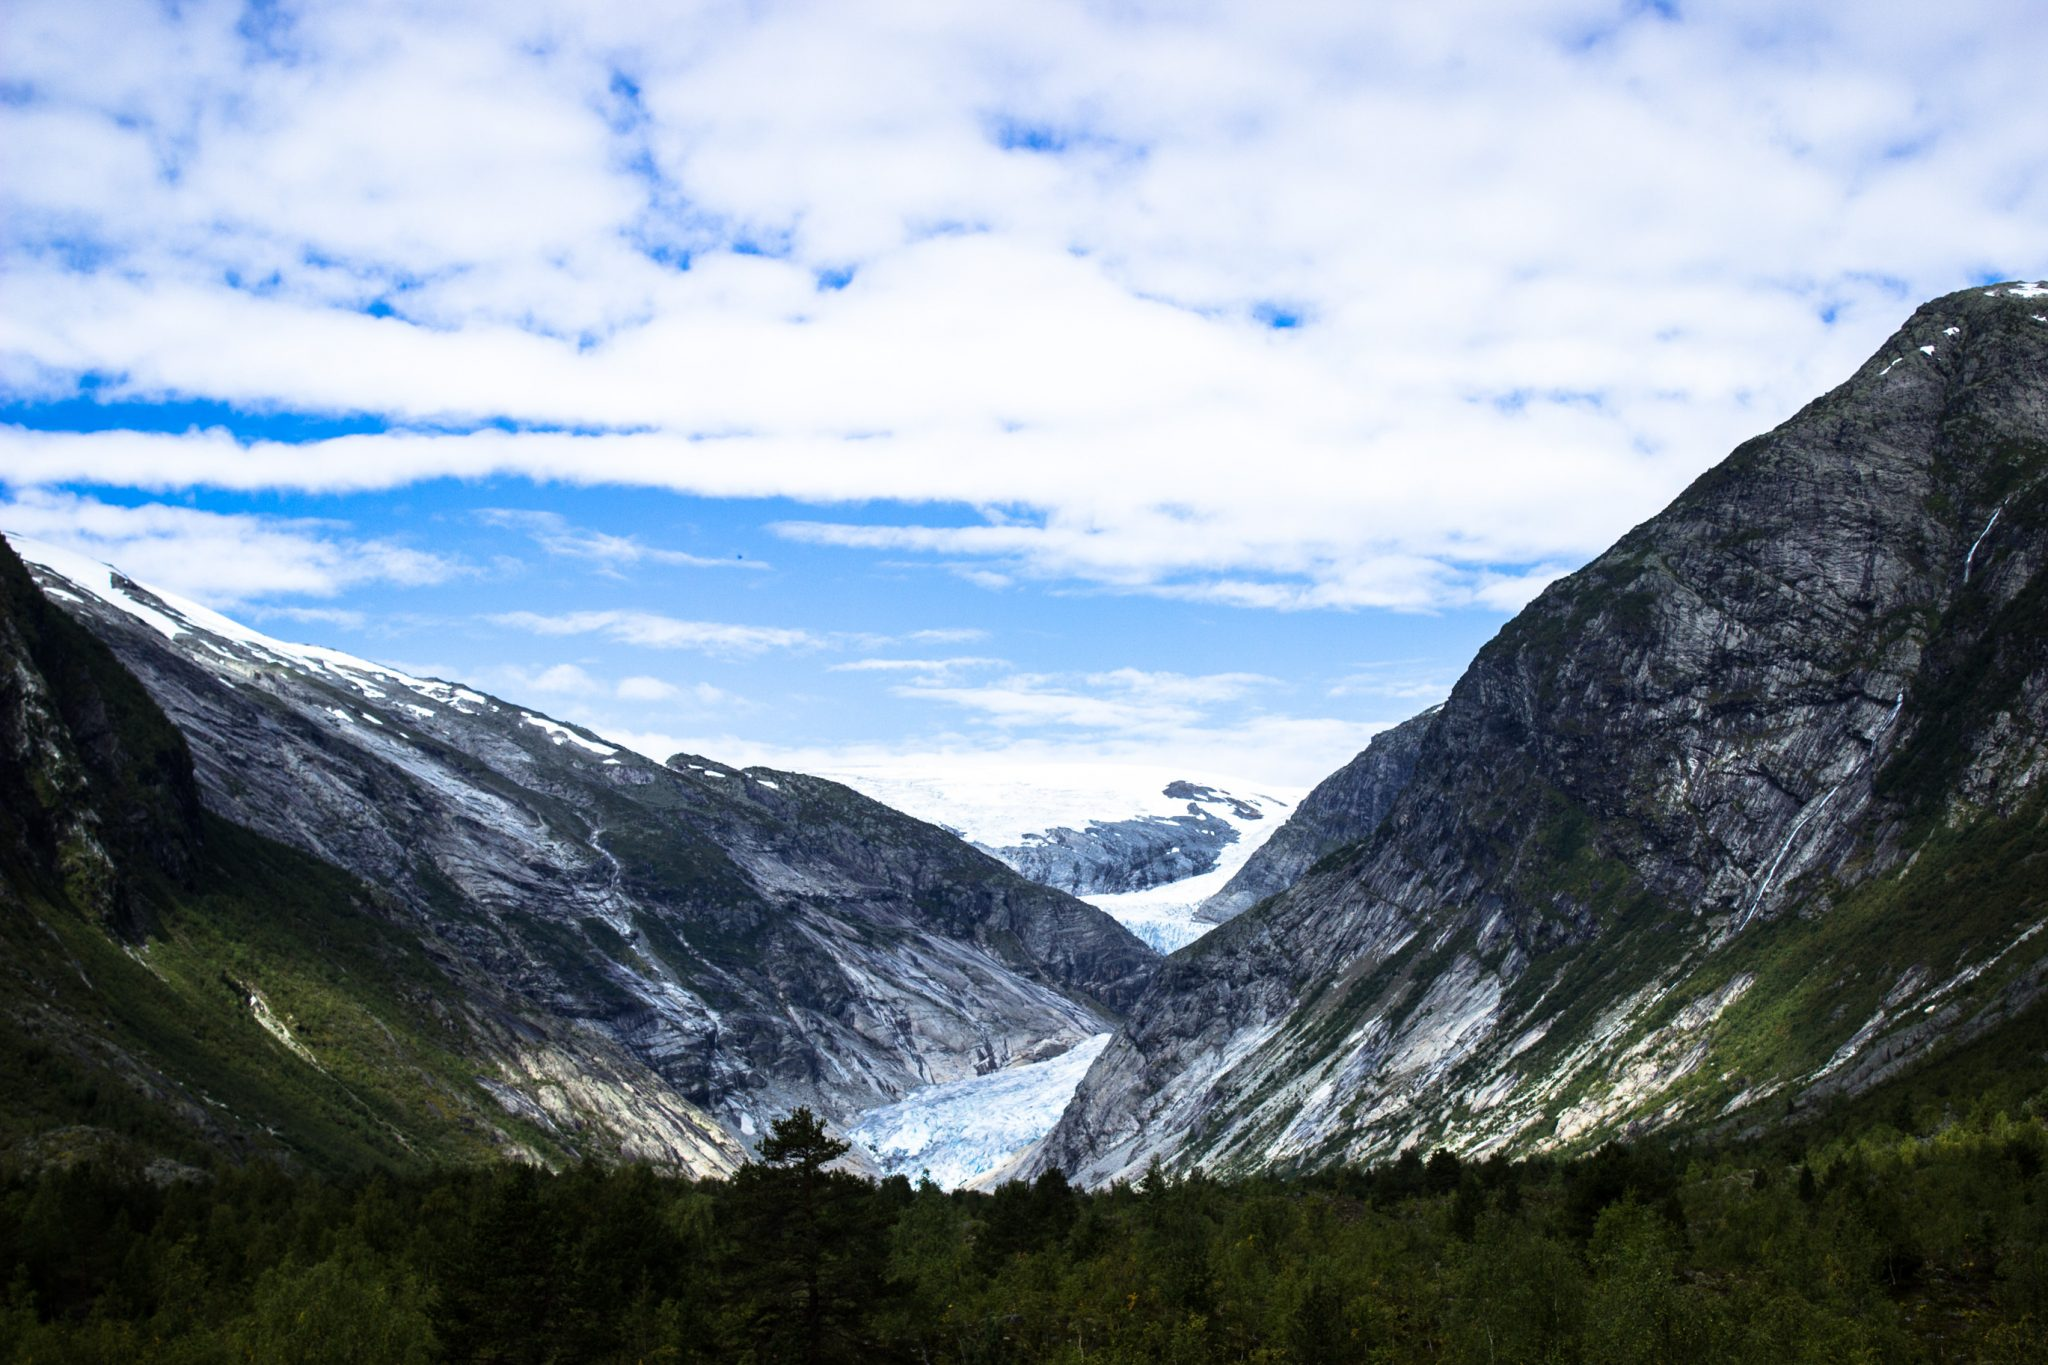 Wanderung Gletscher Nigardsbreen im Jostedalsbreen Nationalpark, Blick auf den Gletscher Nigardsbreen umgeben von Bergen und Wald